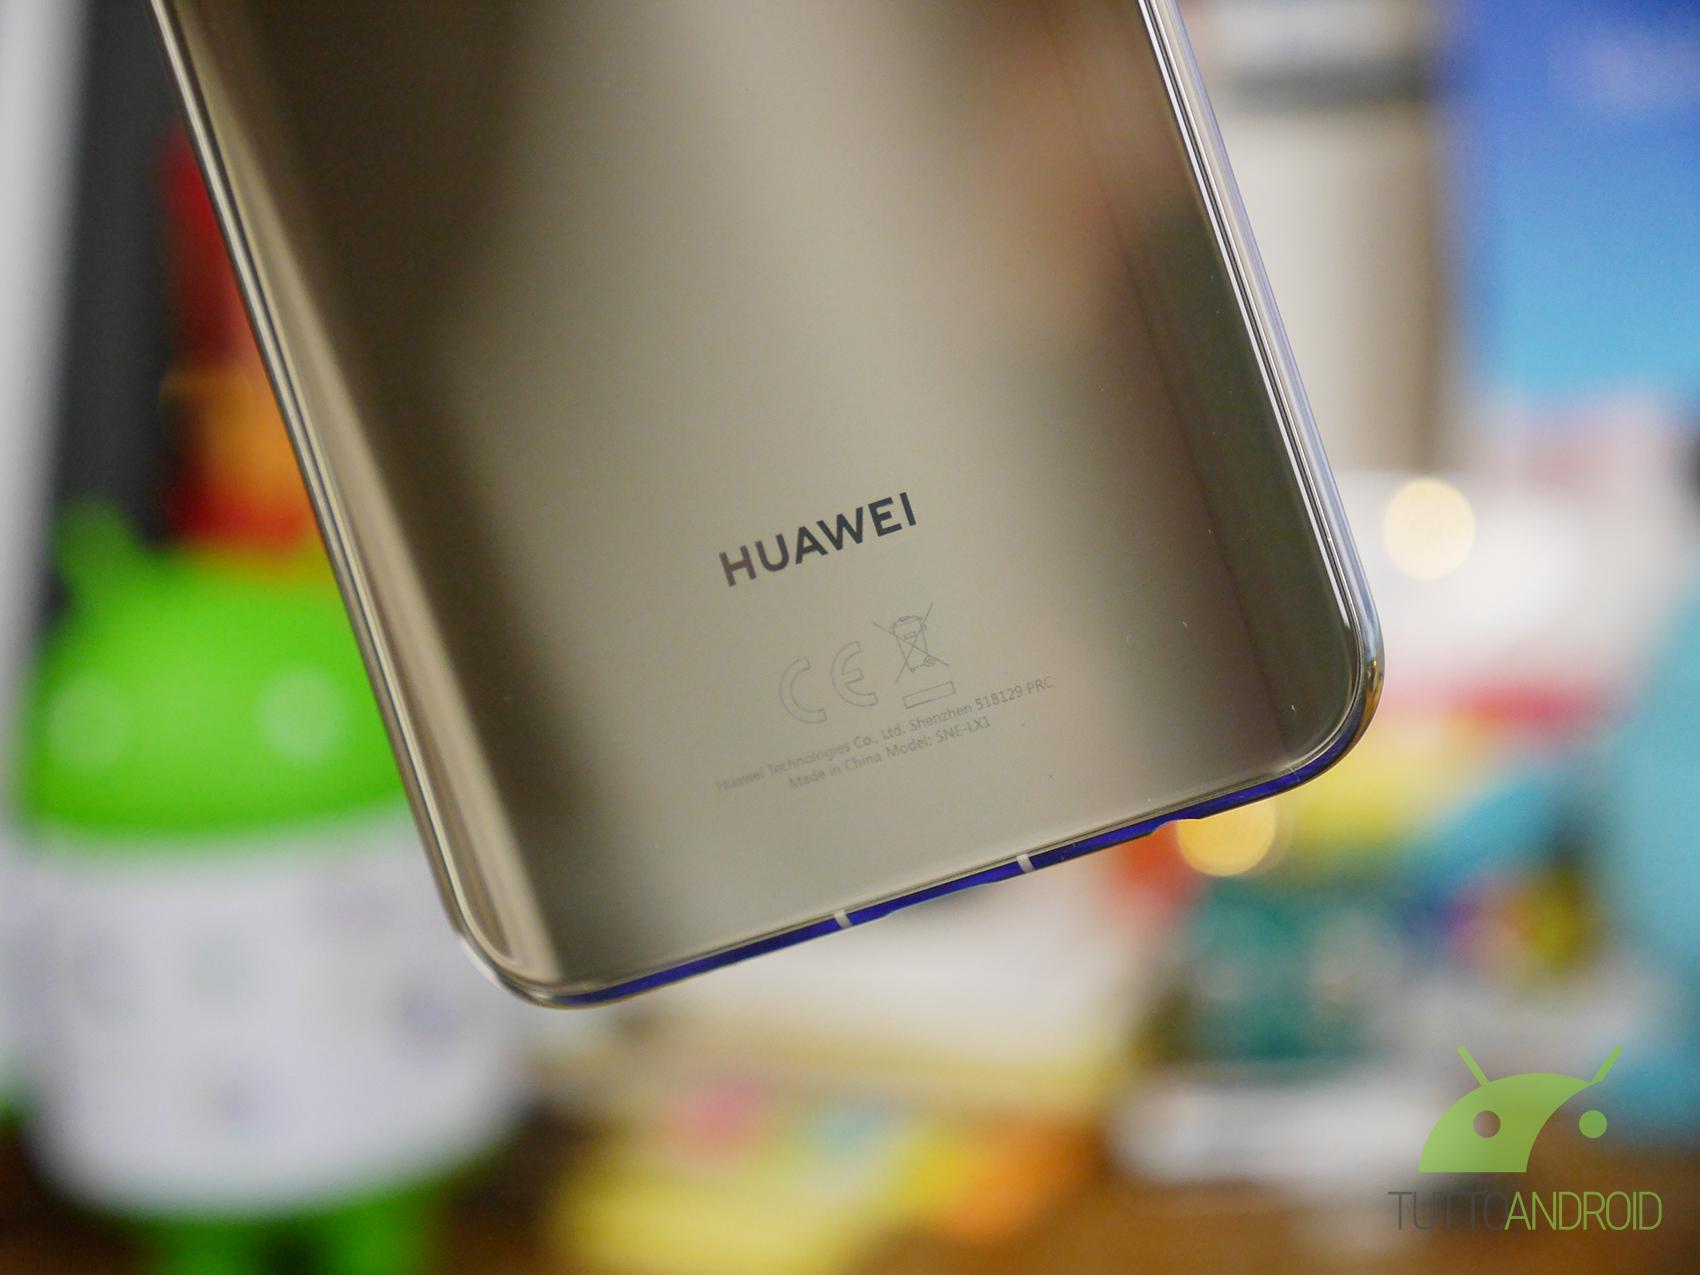 Huawei punzecchia Apple: Mate 20 e 20 Pro saranno la vera rivoluzione, altro che i nuovi iPhone